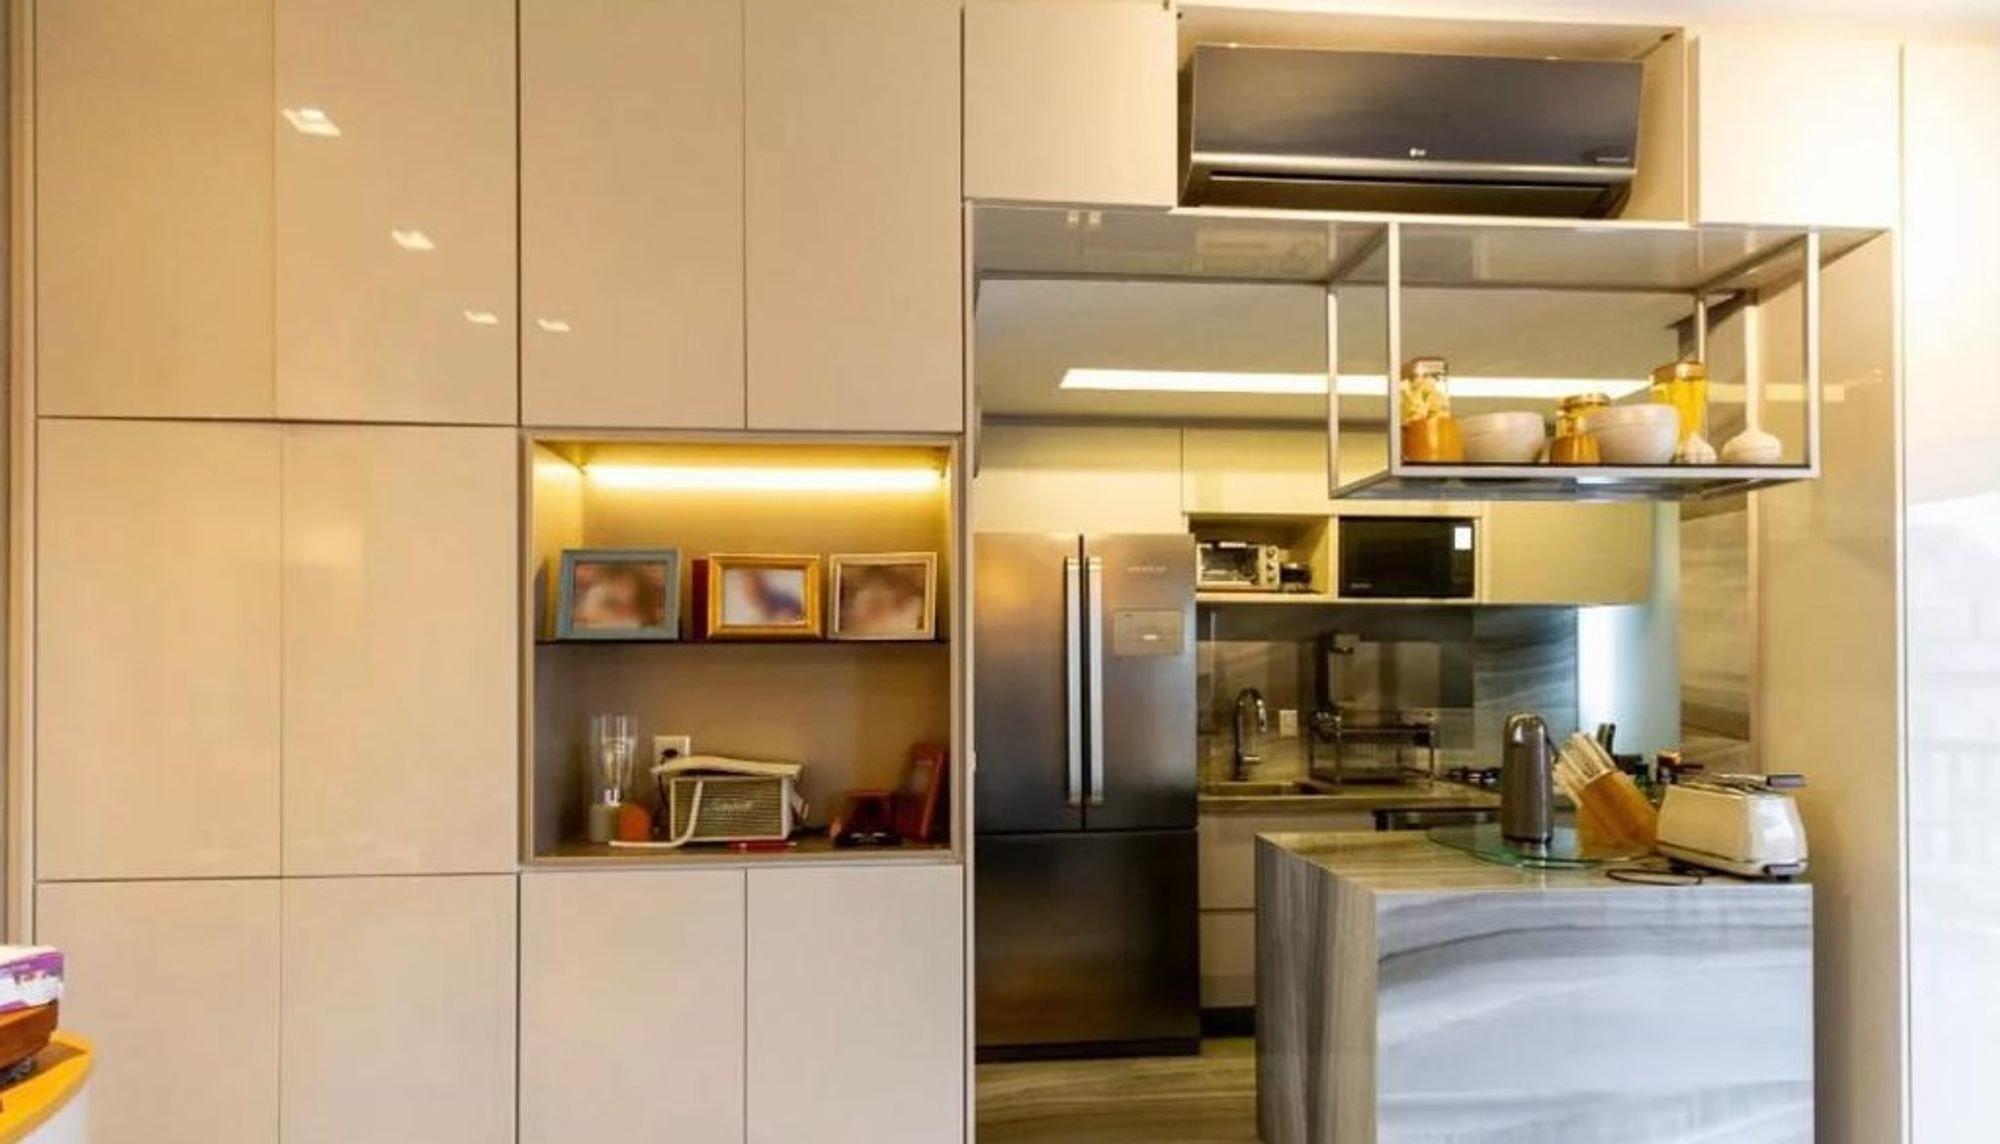 Foto de Cozinha com geladeira, microondas, garrafa